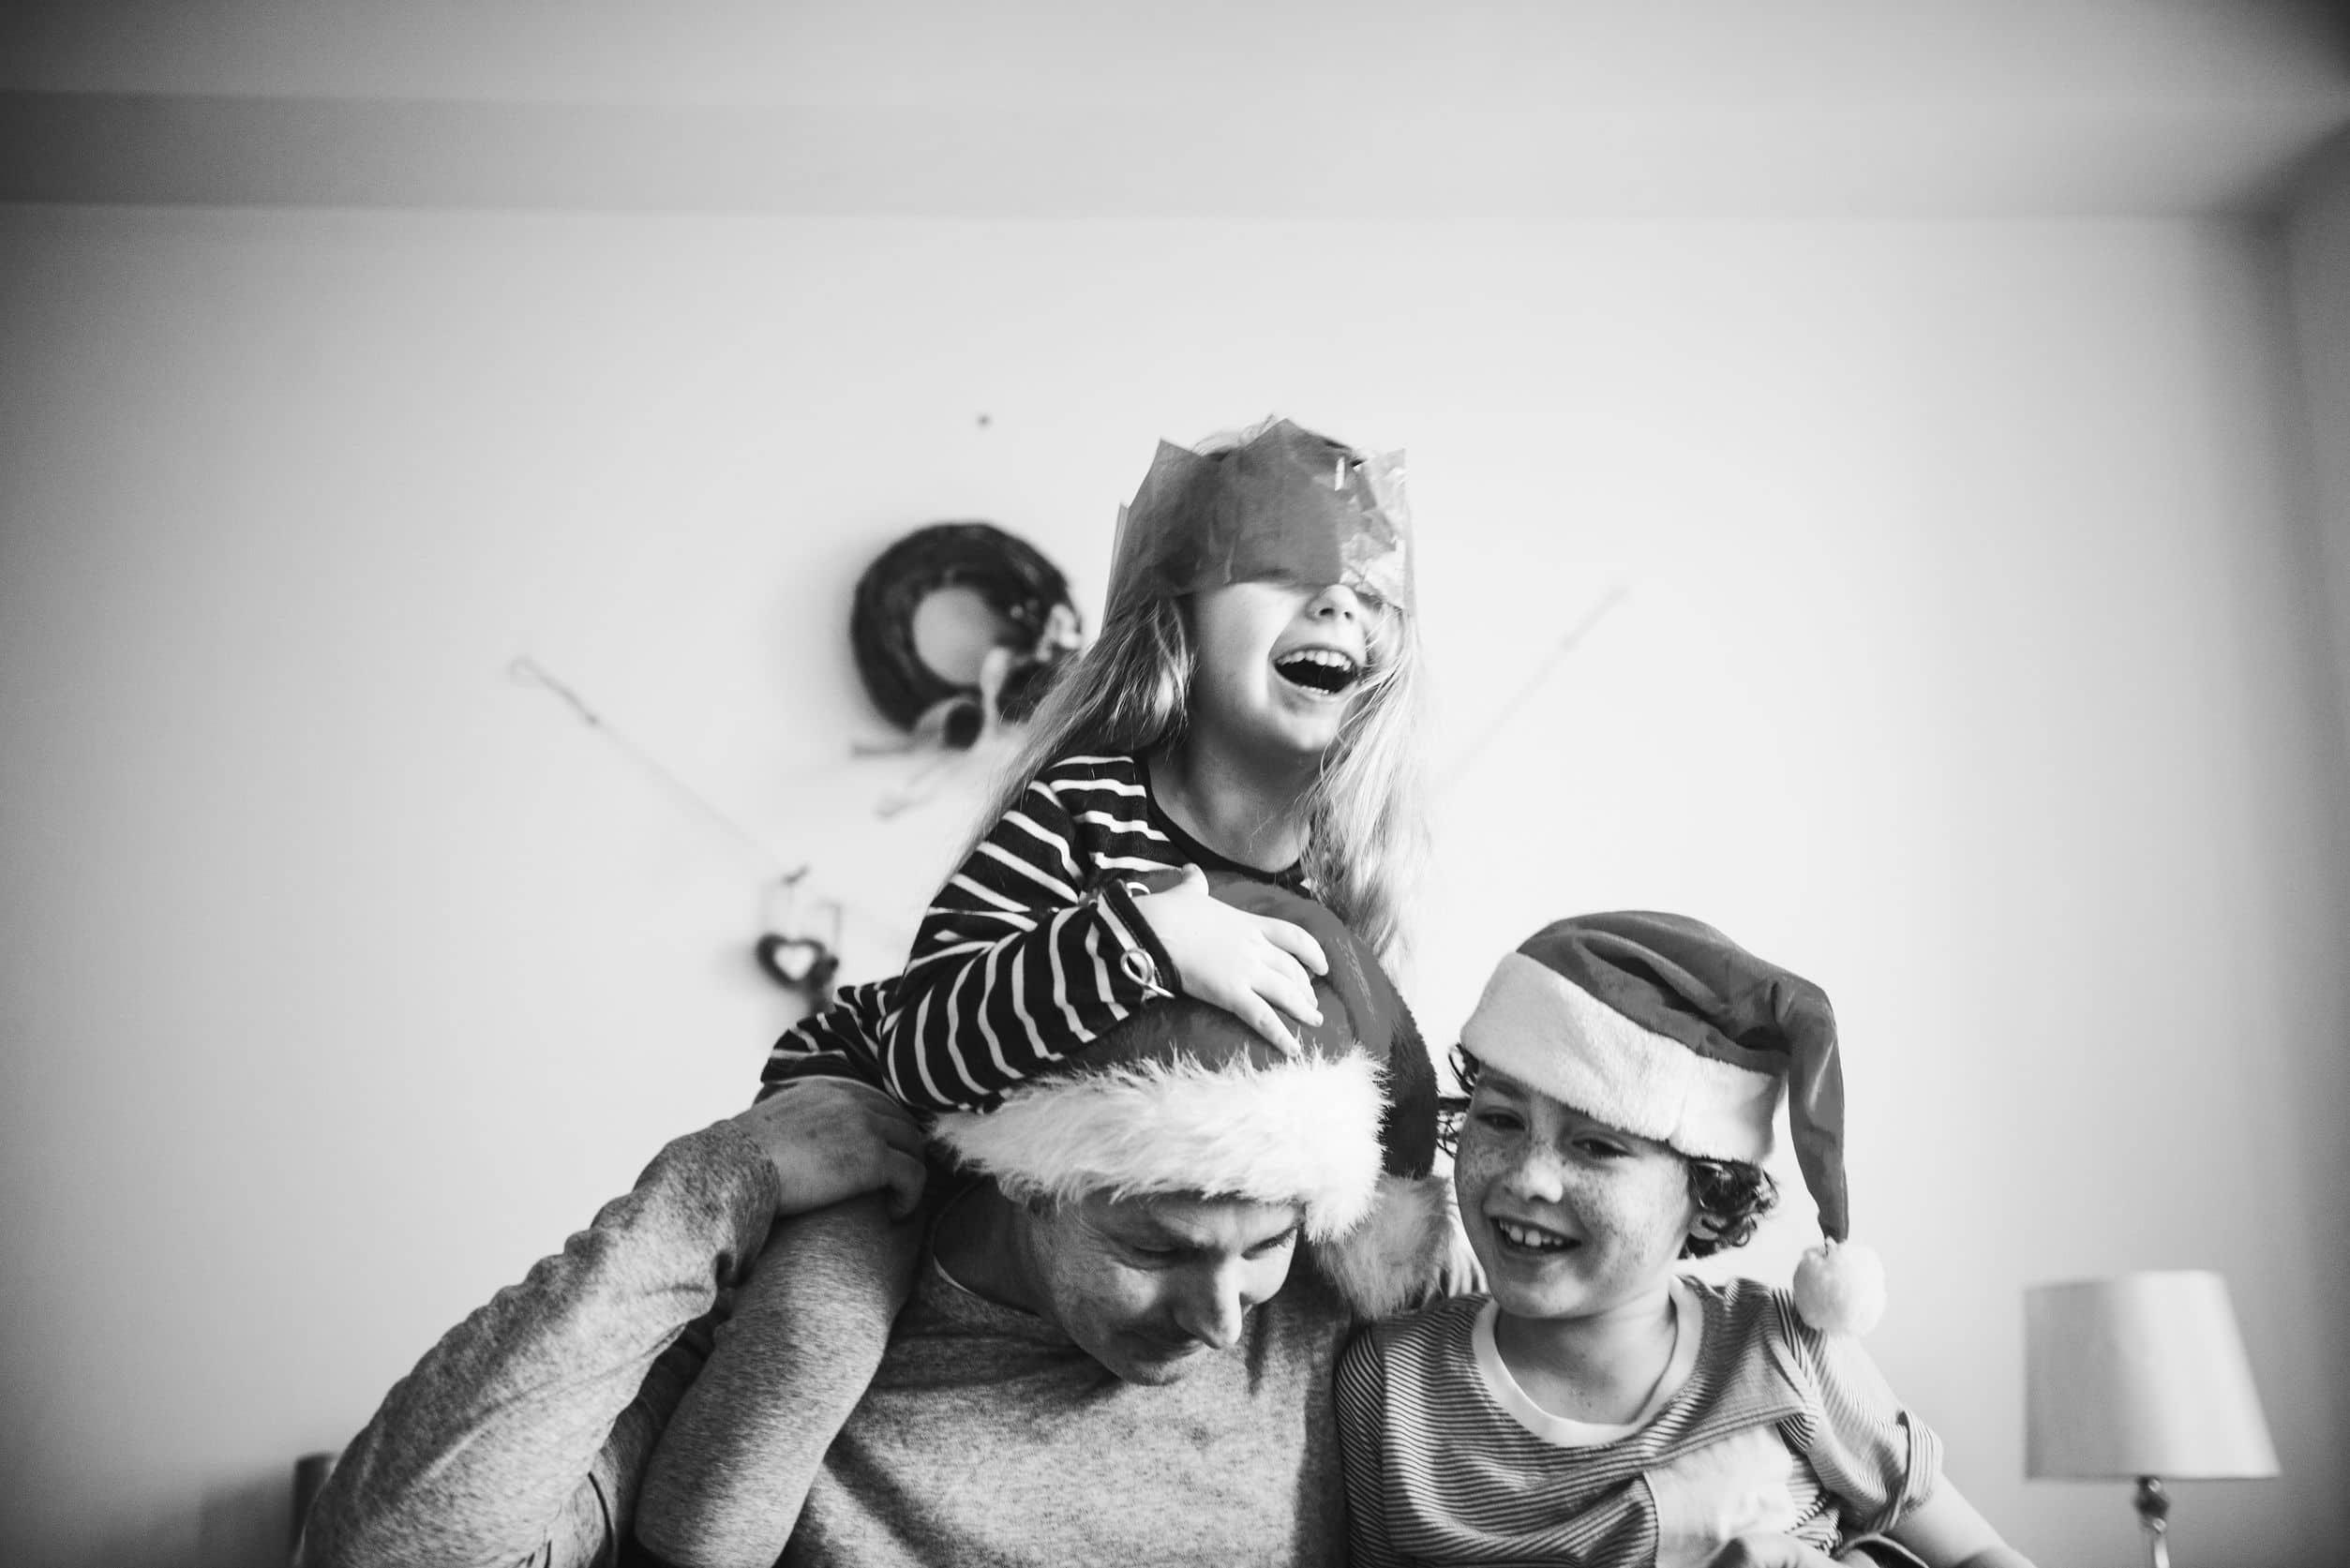 Foto preta e branco de um homem vestindo uma toca de natal brincando com sua filha e seu filho.